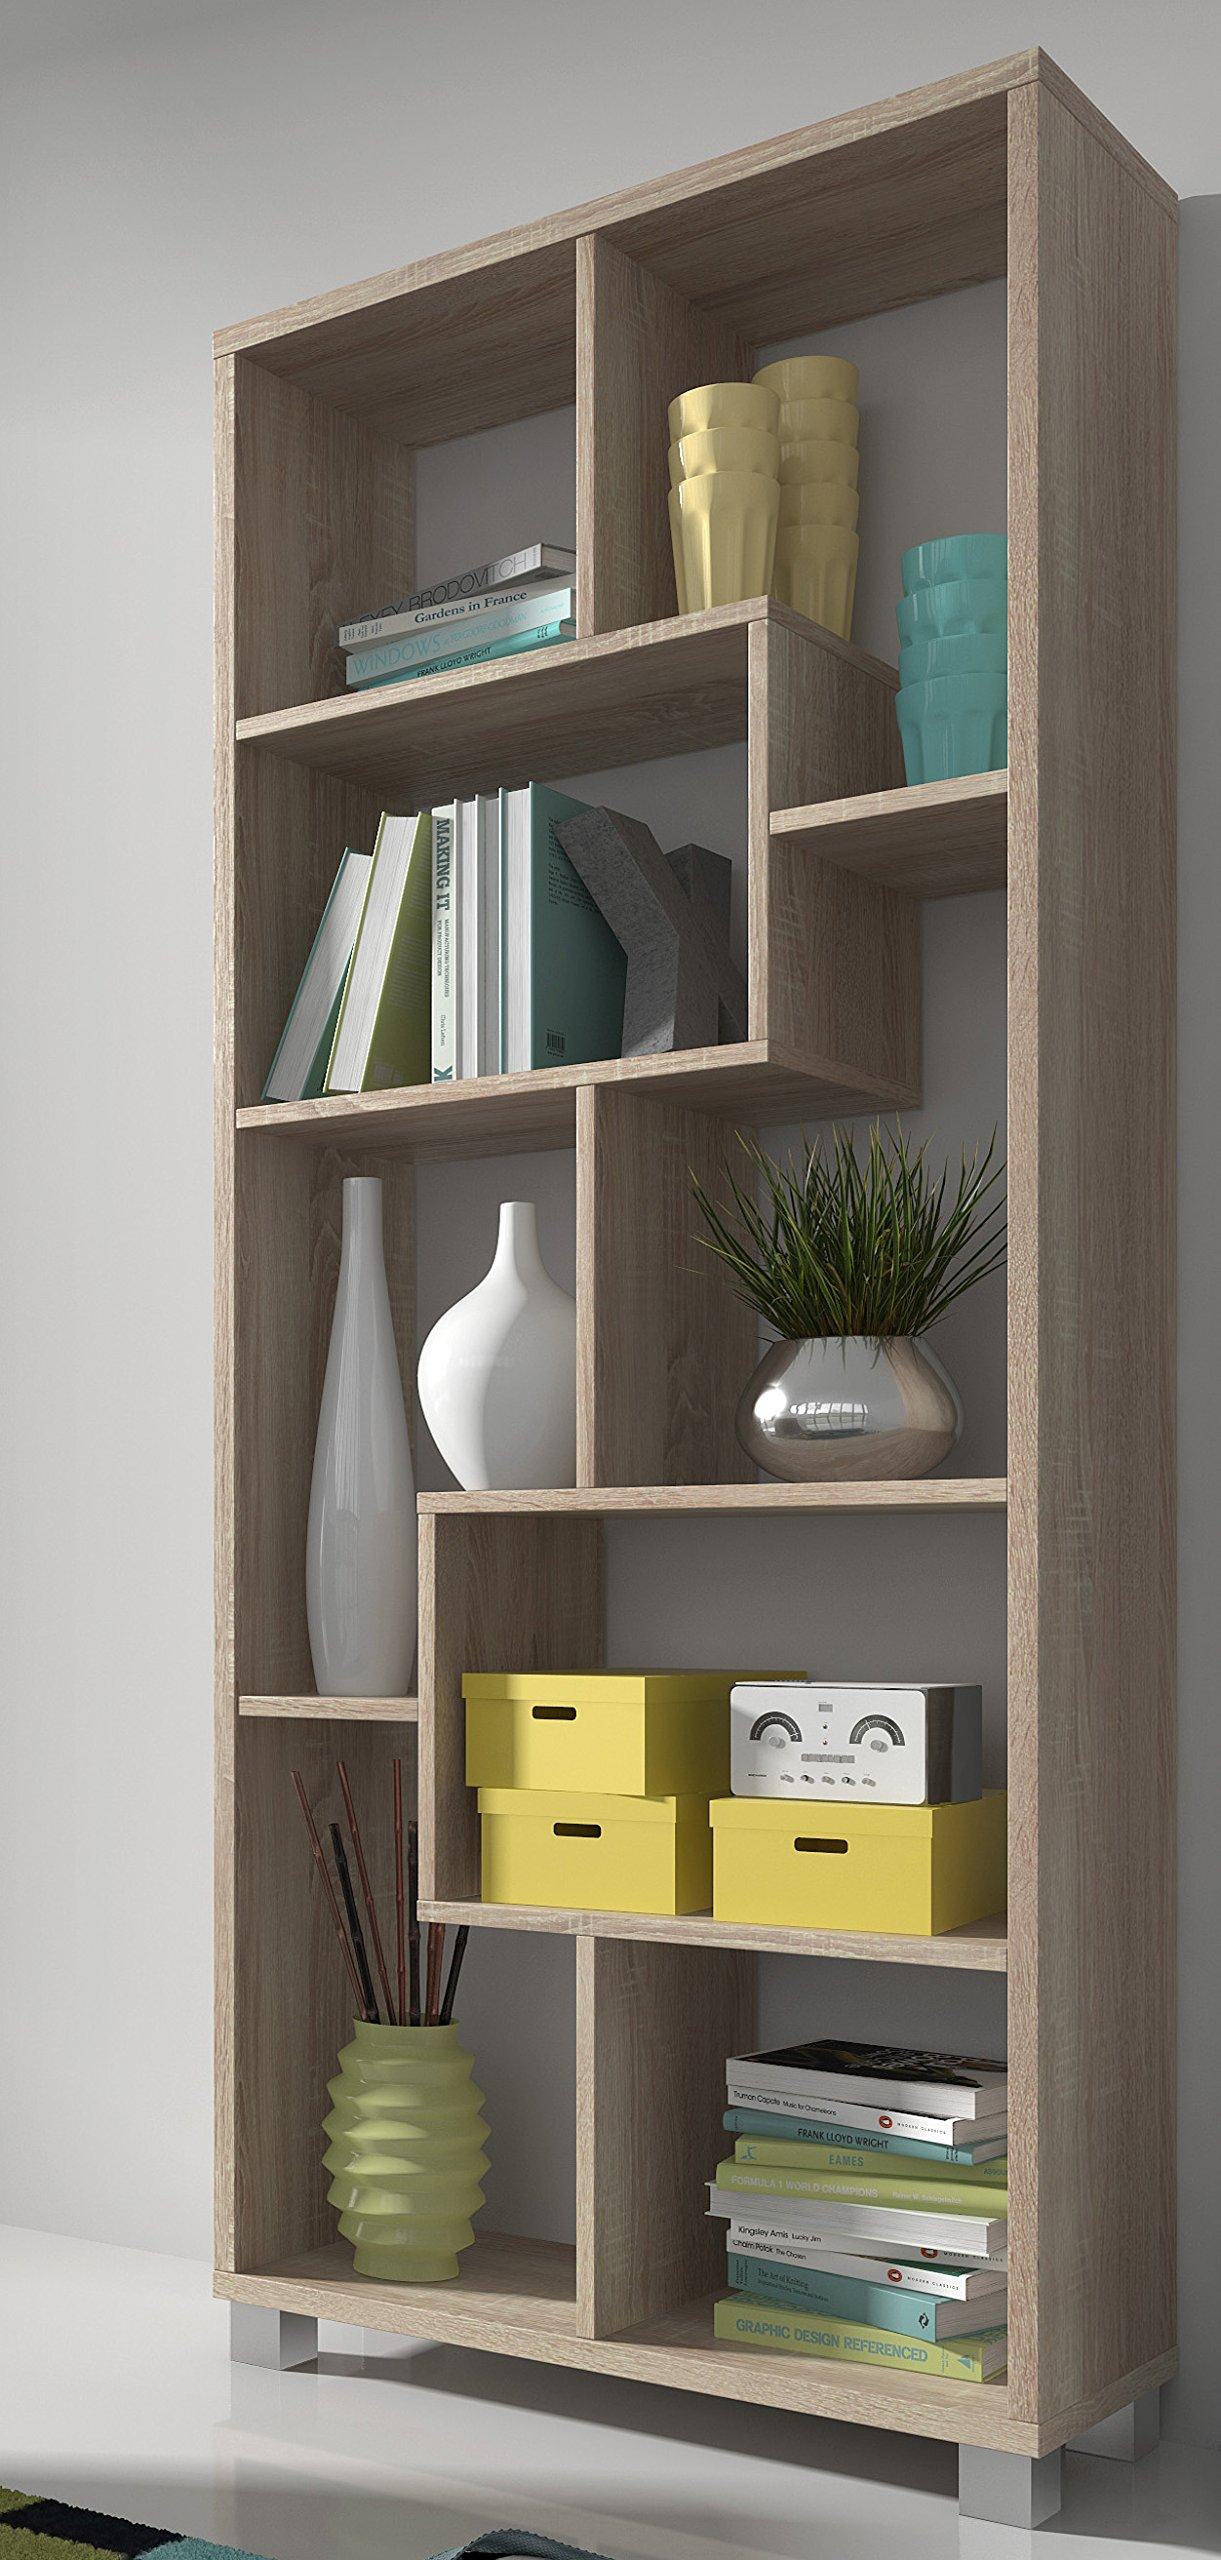 SelectionHome - Estantería librería de diseño comedor salón, color Roble Claro medidas: 68,